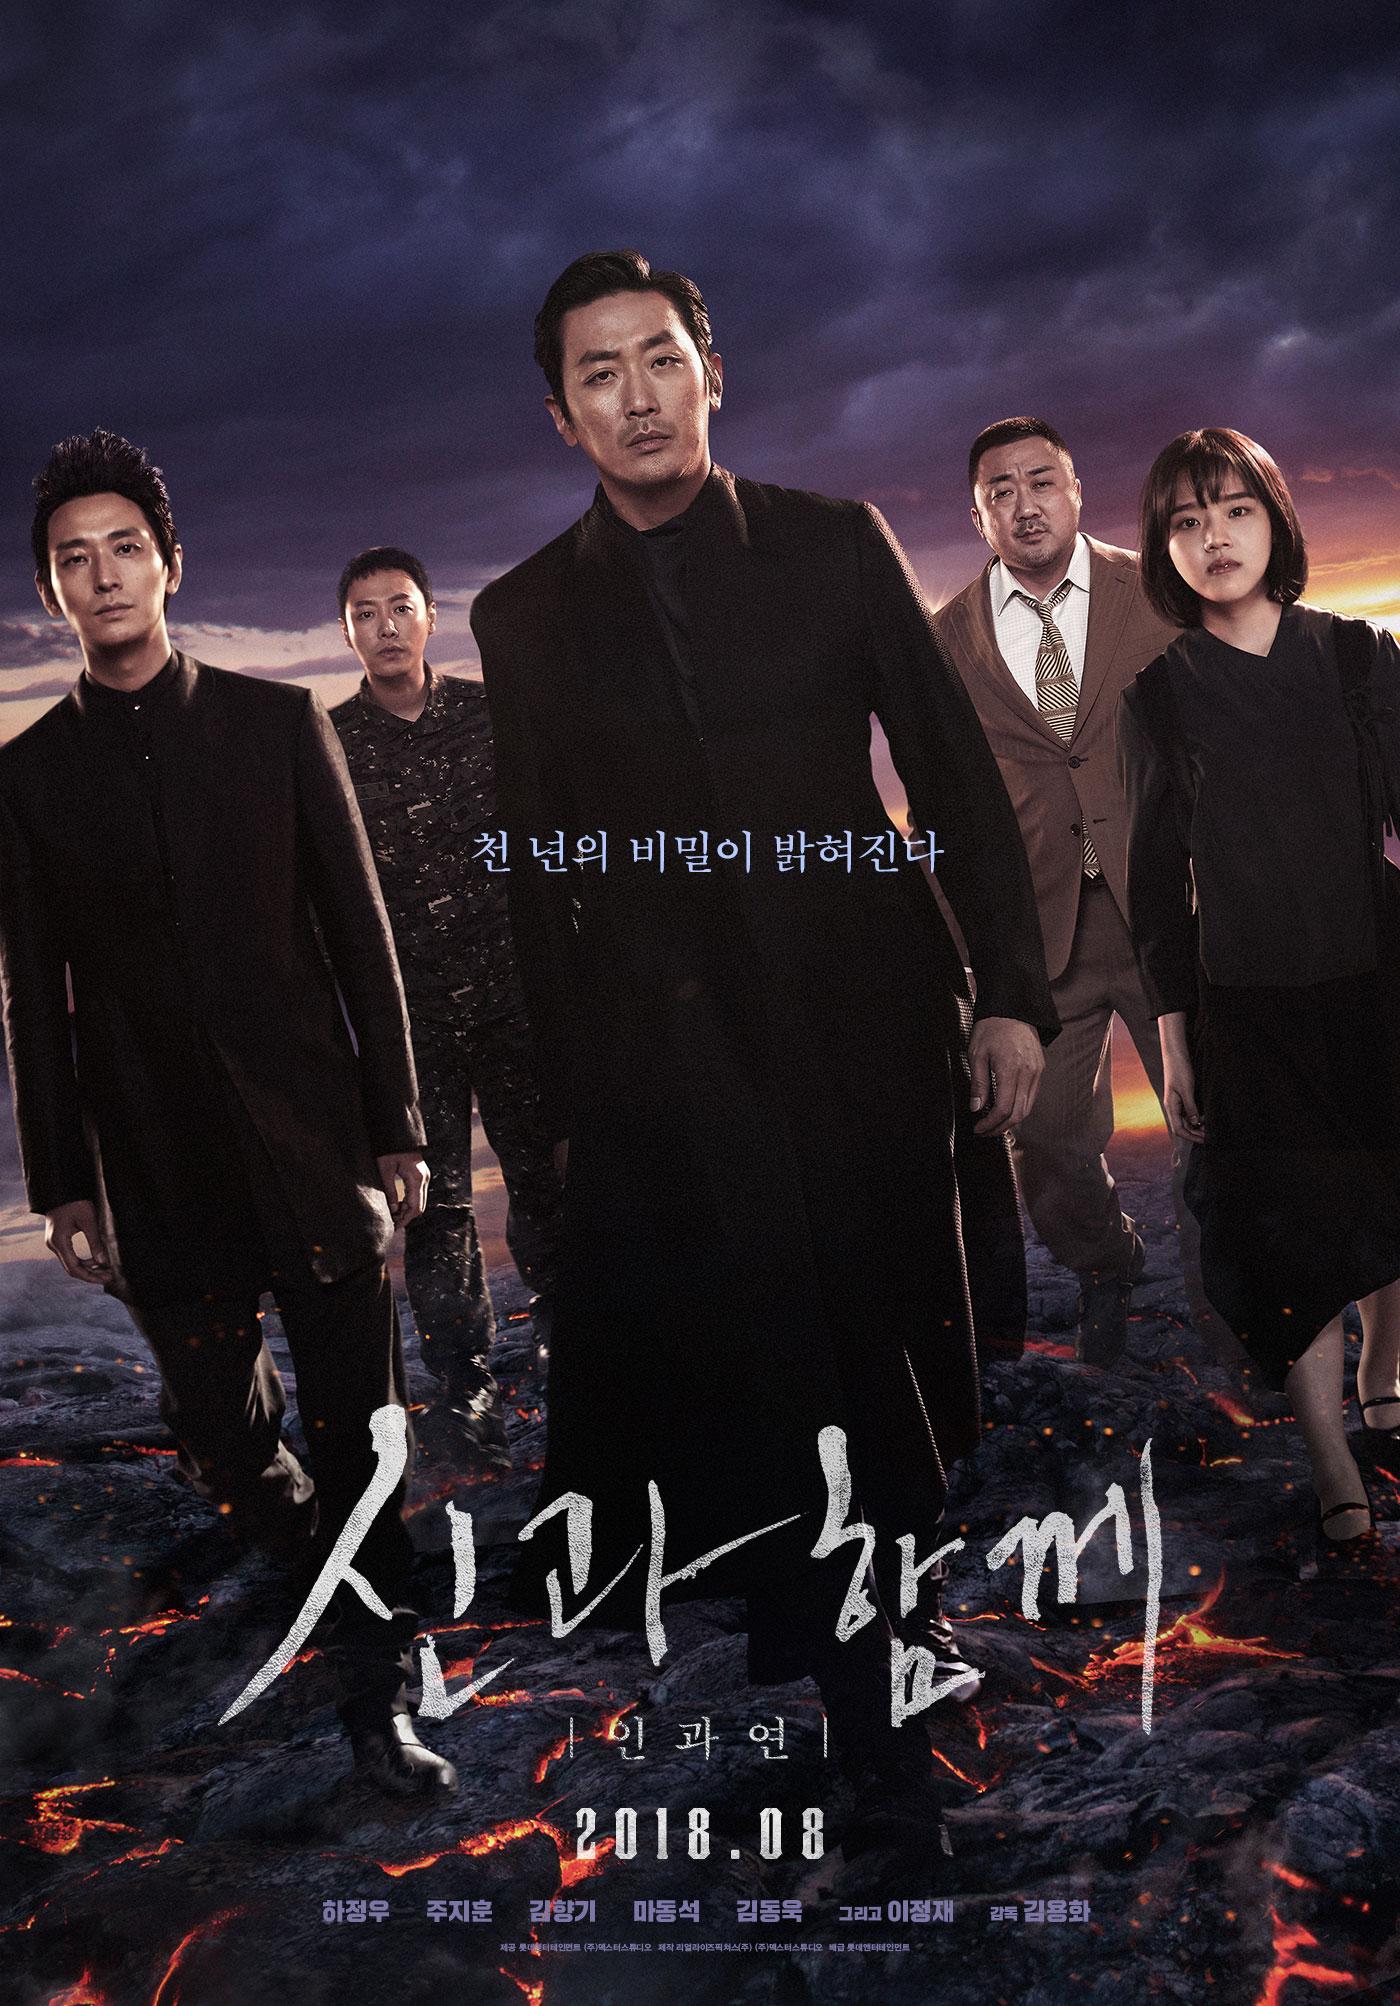 한국영화의 새로운 도약 - 영화 <신과 함께-인과 ...